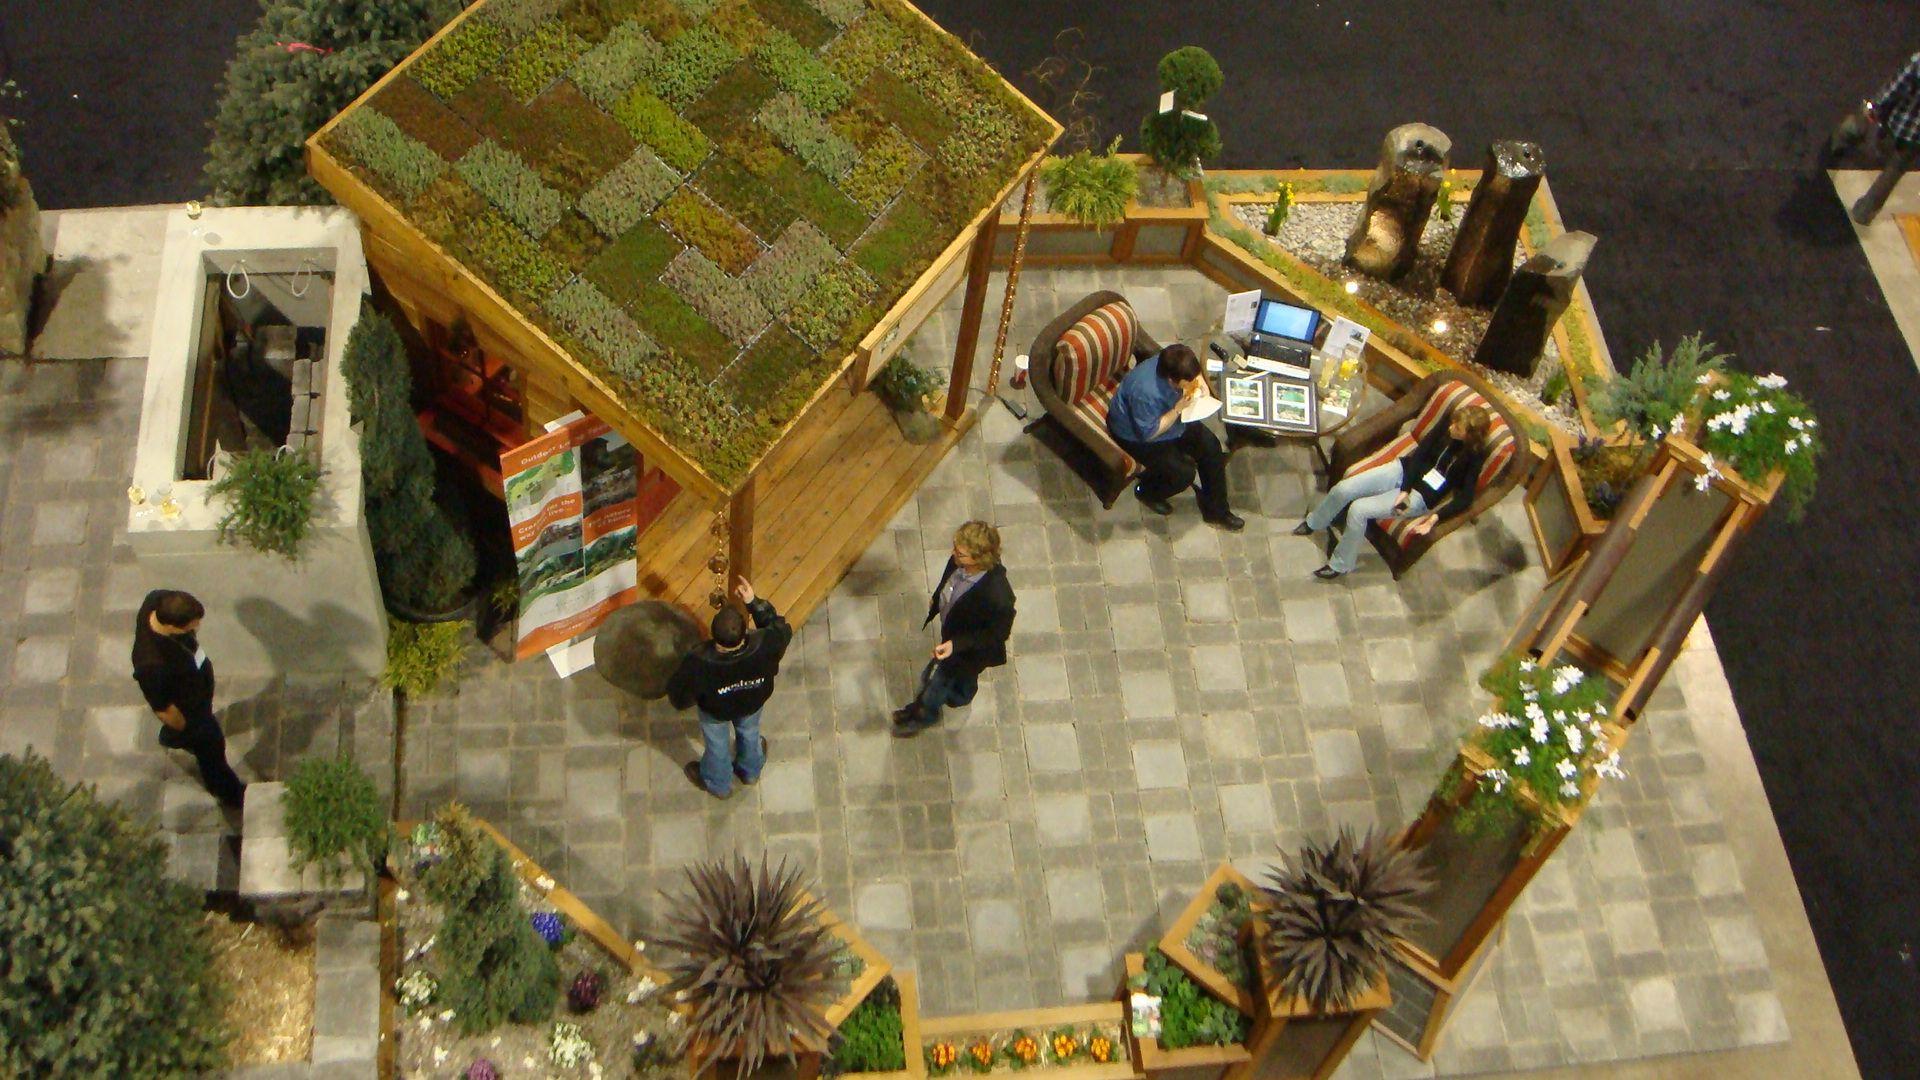 2009 Countryside Garden Centre Features At The Calgary 400 x 300